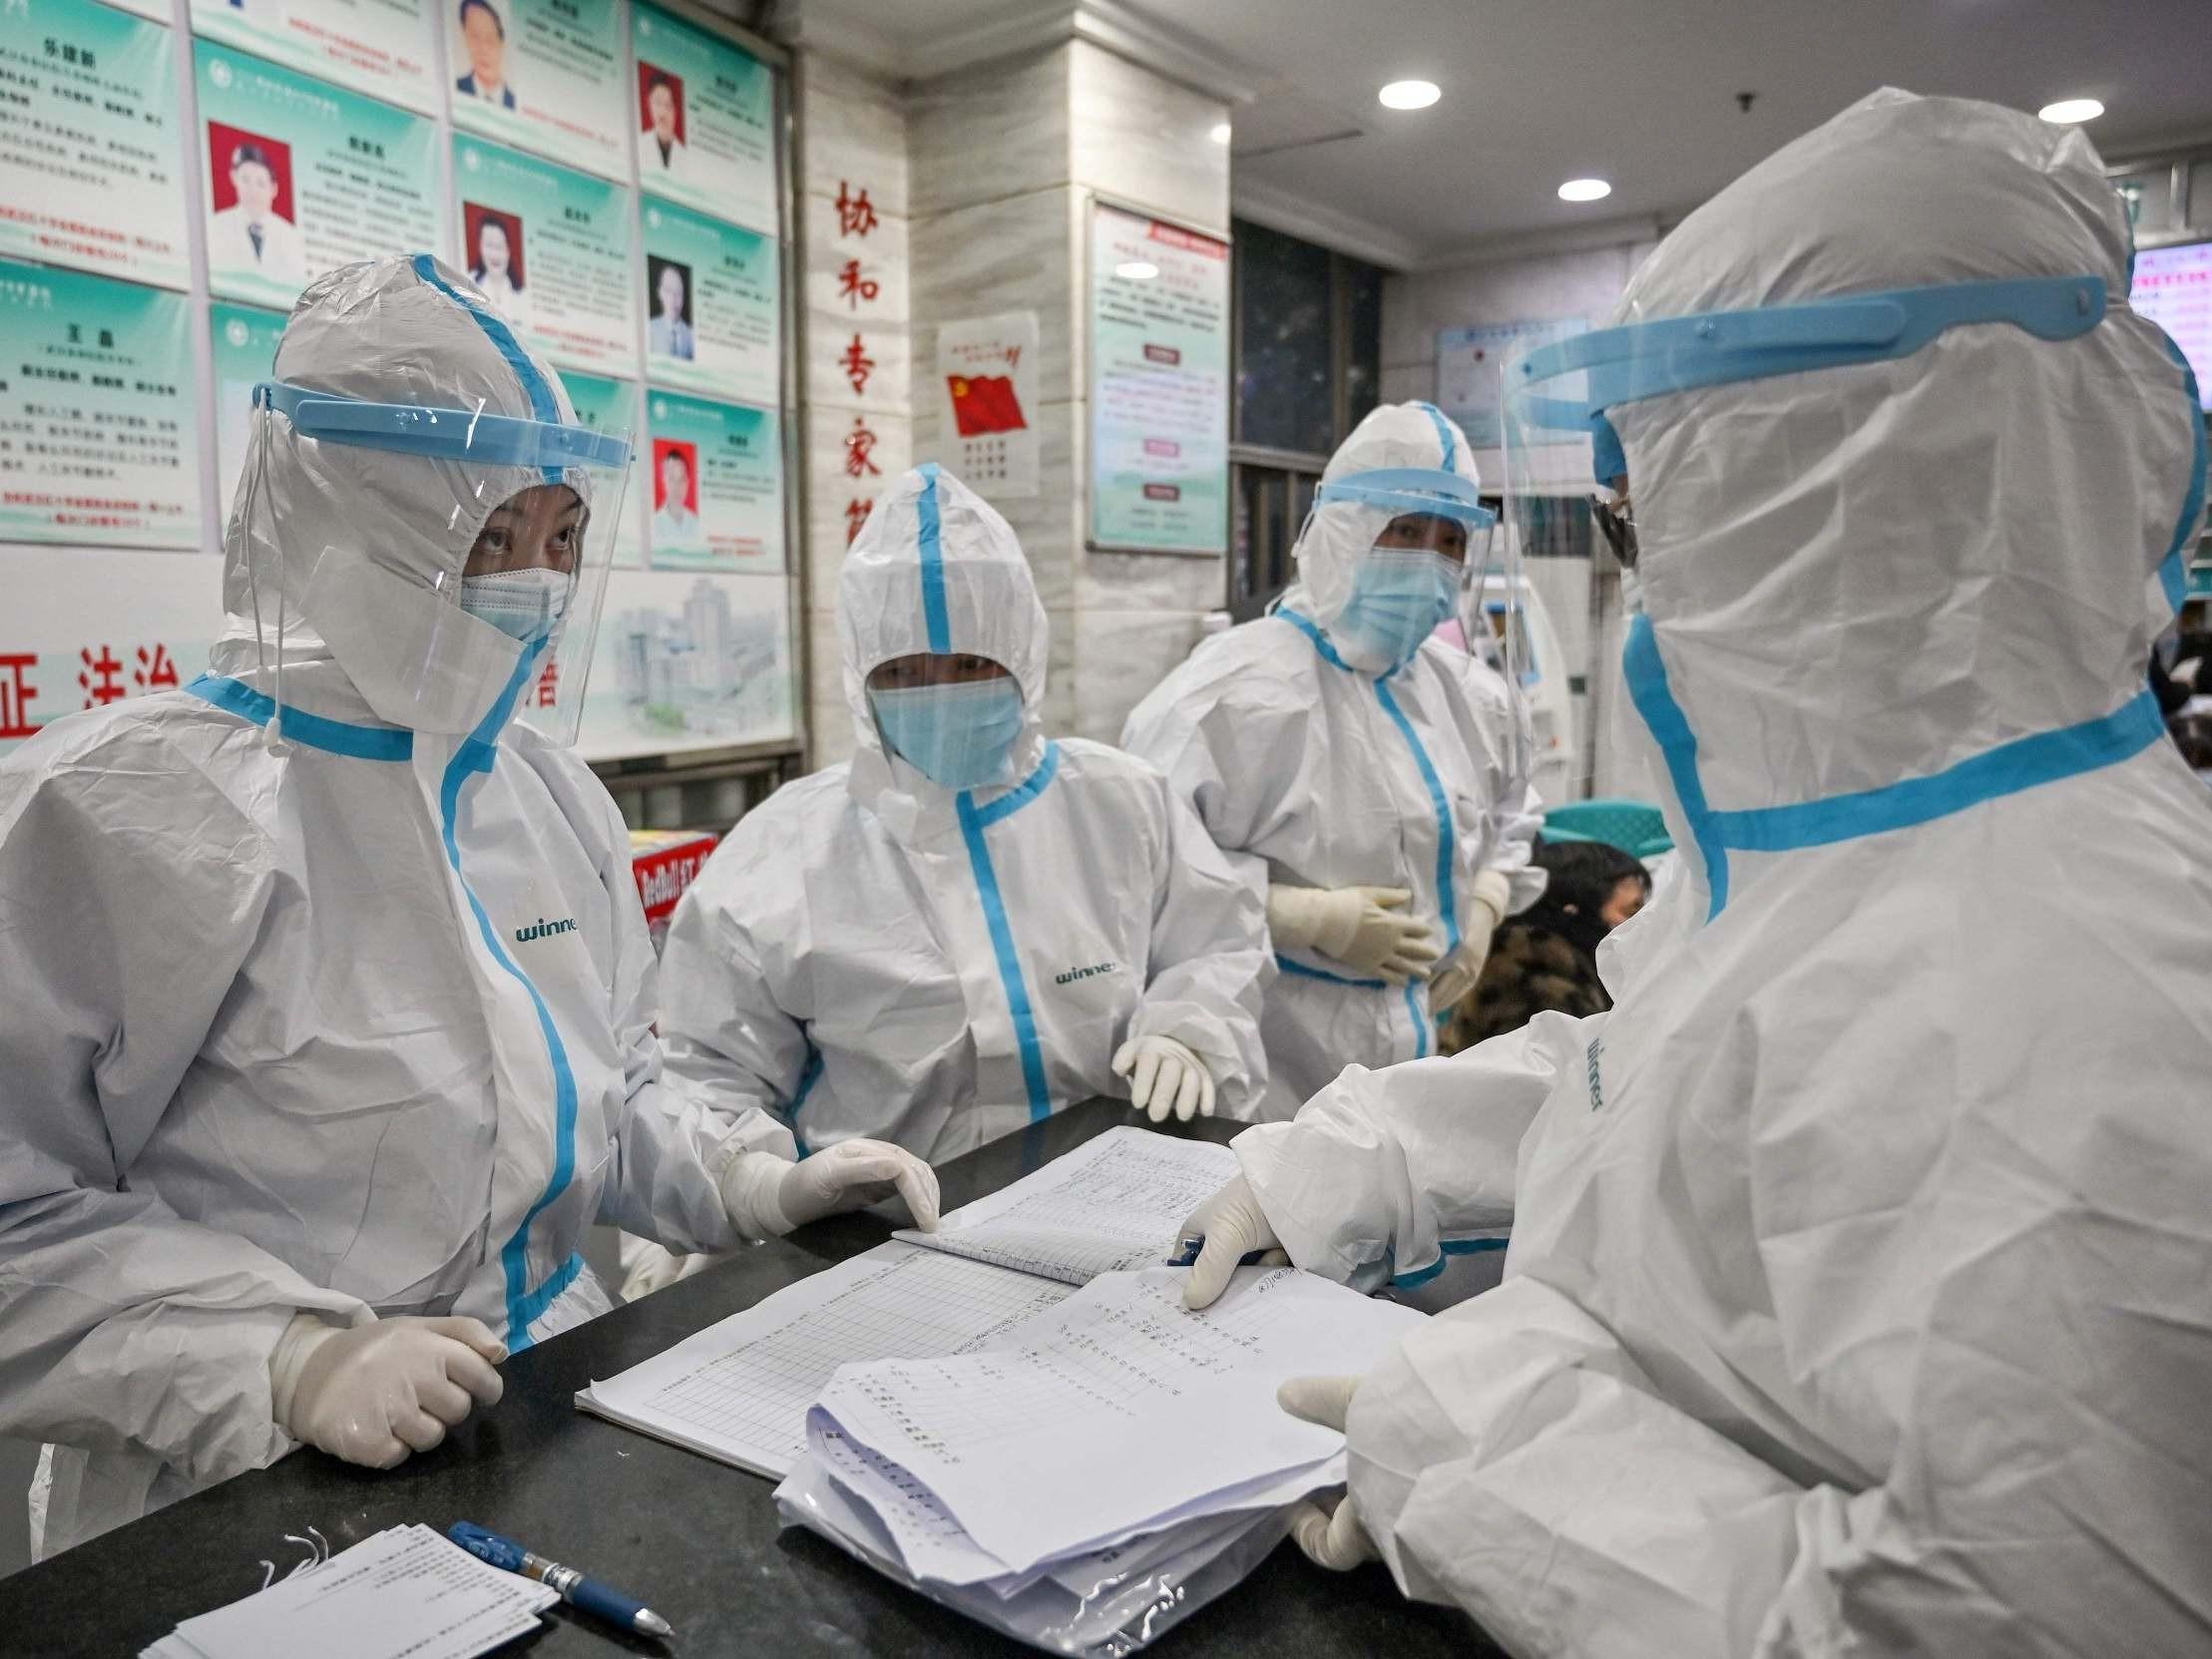 काेराेना संक्रमणकाे आशंकामा तीनजना अस्पताल भर्ना